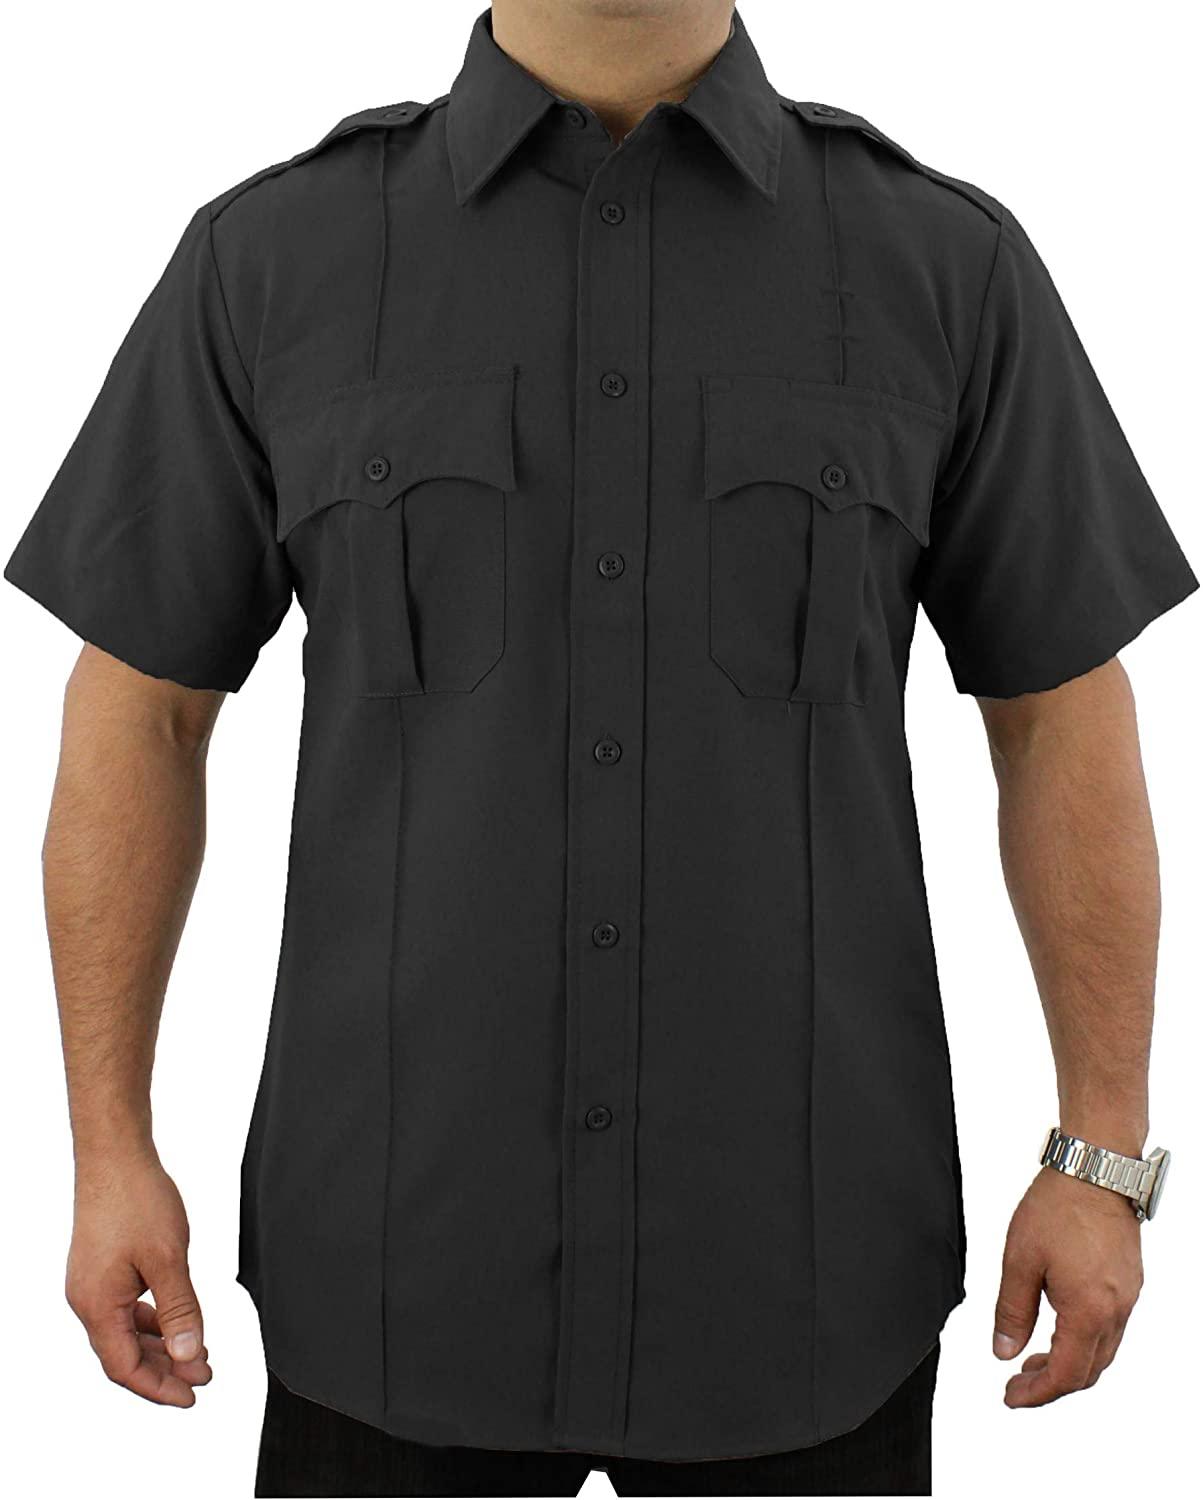 First Class 100% Polyester Short Sleeve Men's Uniform Shirt (Black) (4XL)